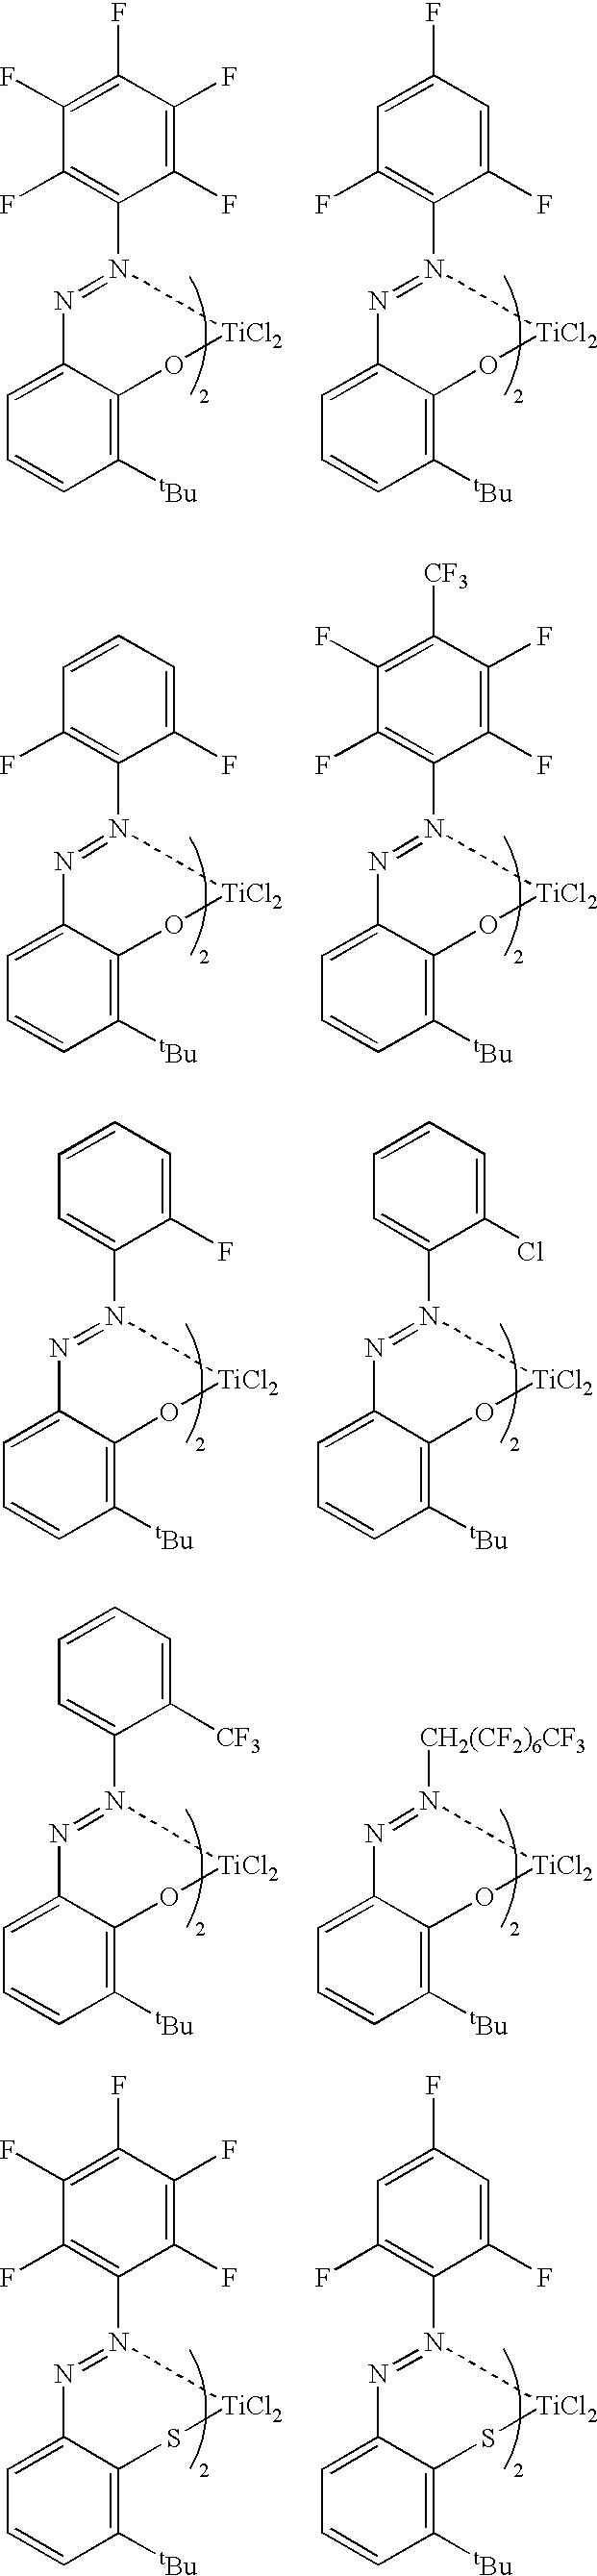 Figure US06838540-20050104-C00010